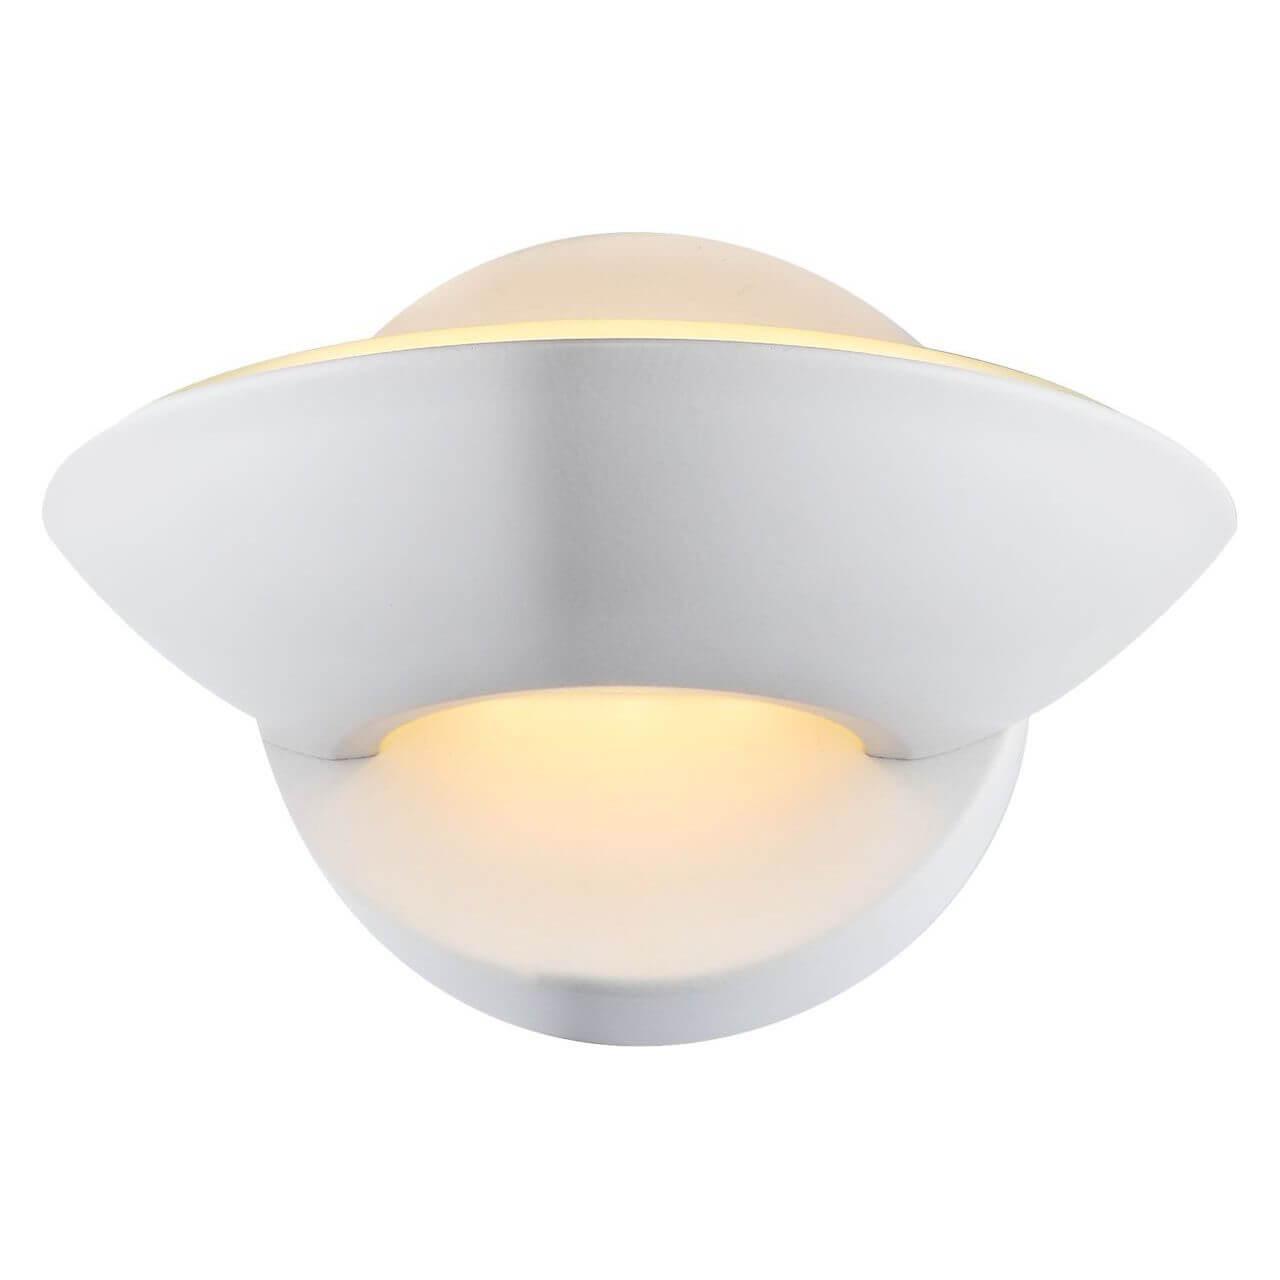 Настенный светильник Globo 76003, LED, 3 Вт настенный светодиодный светильник globo sammy 76002